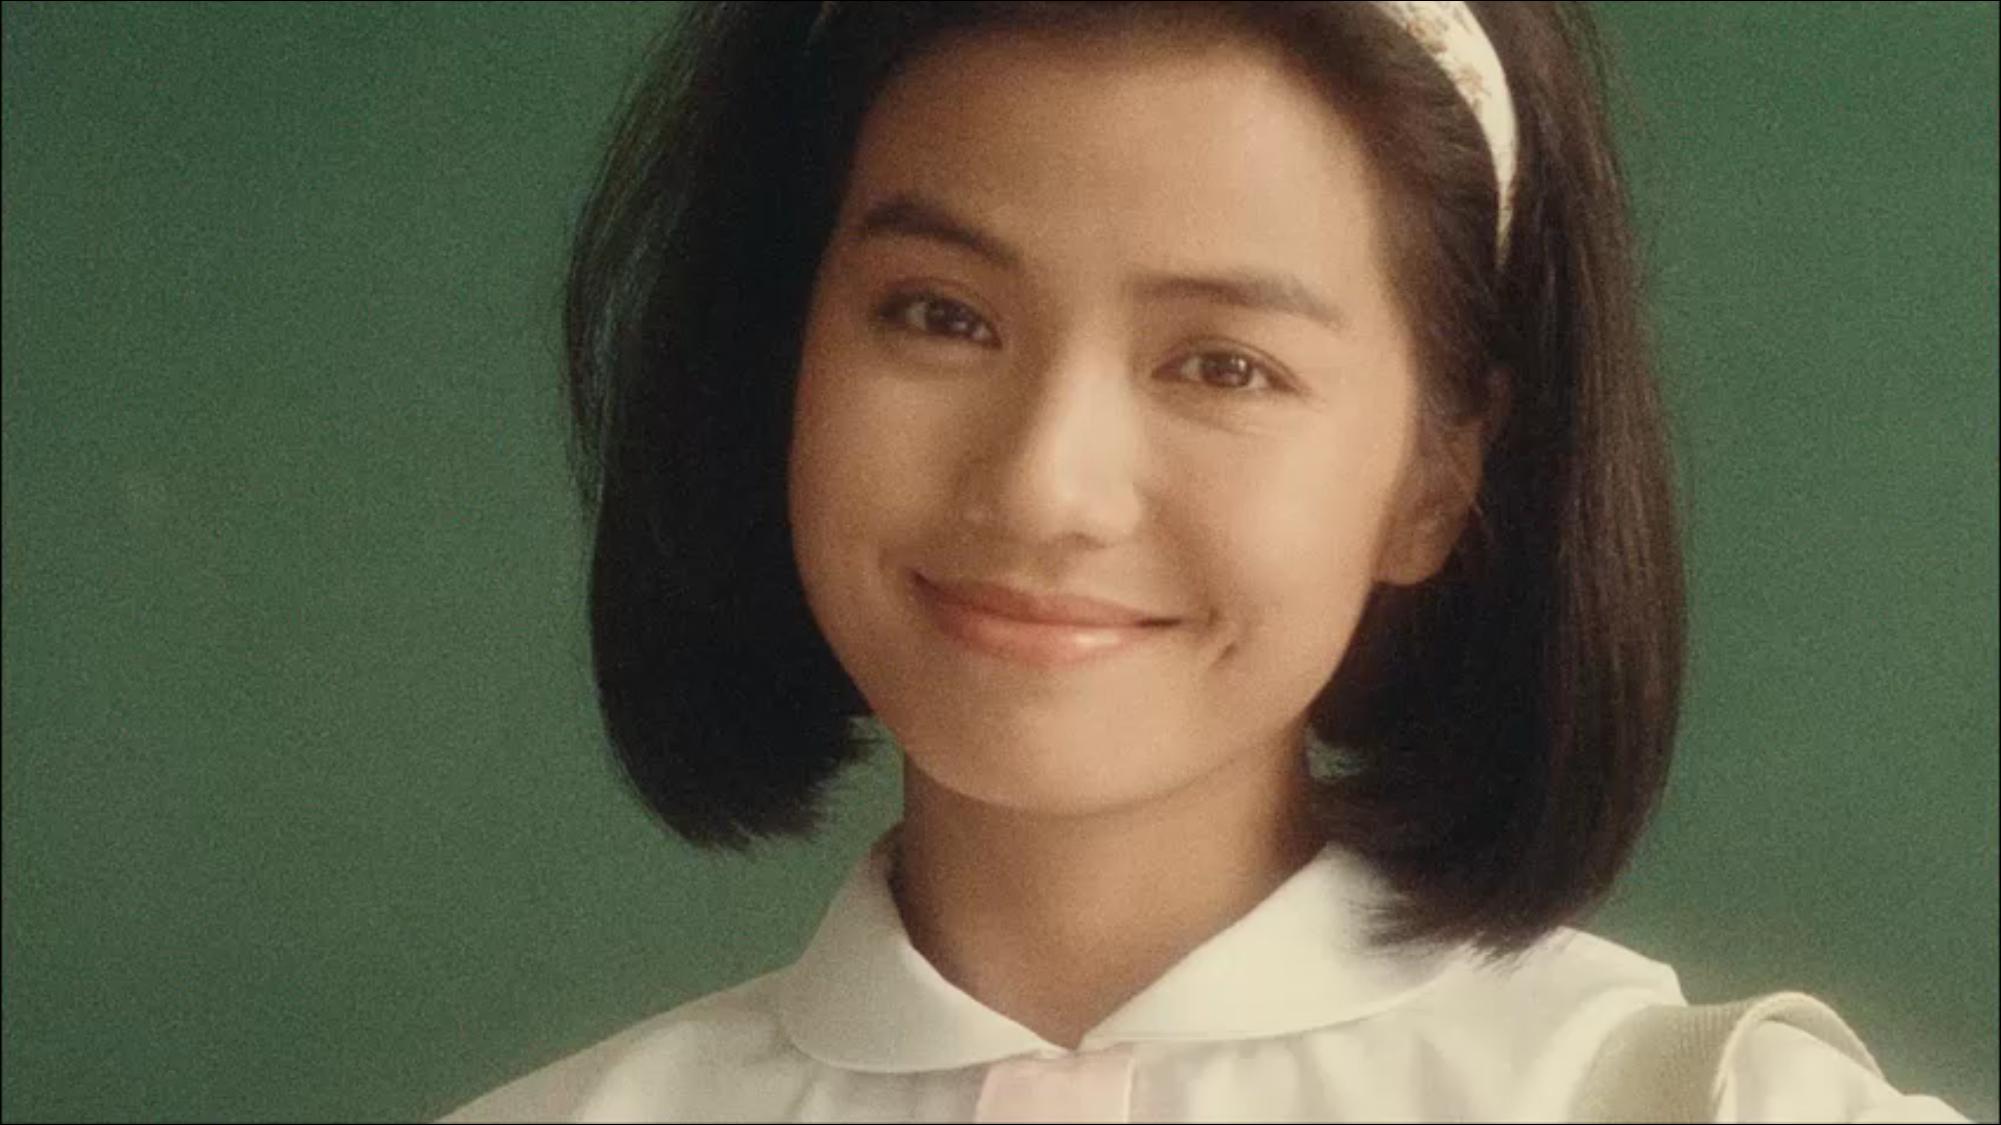 Cherie Chung in Liu jin sui yue (1988)